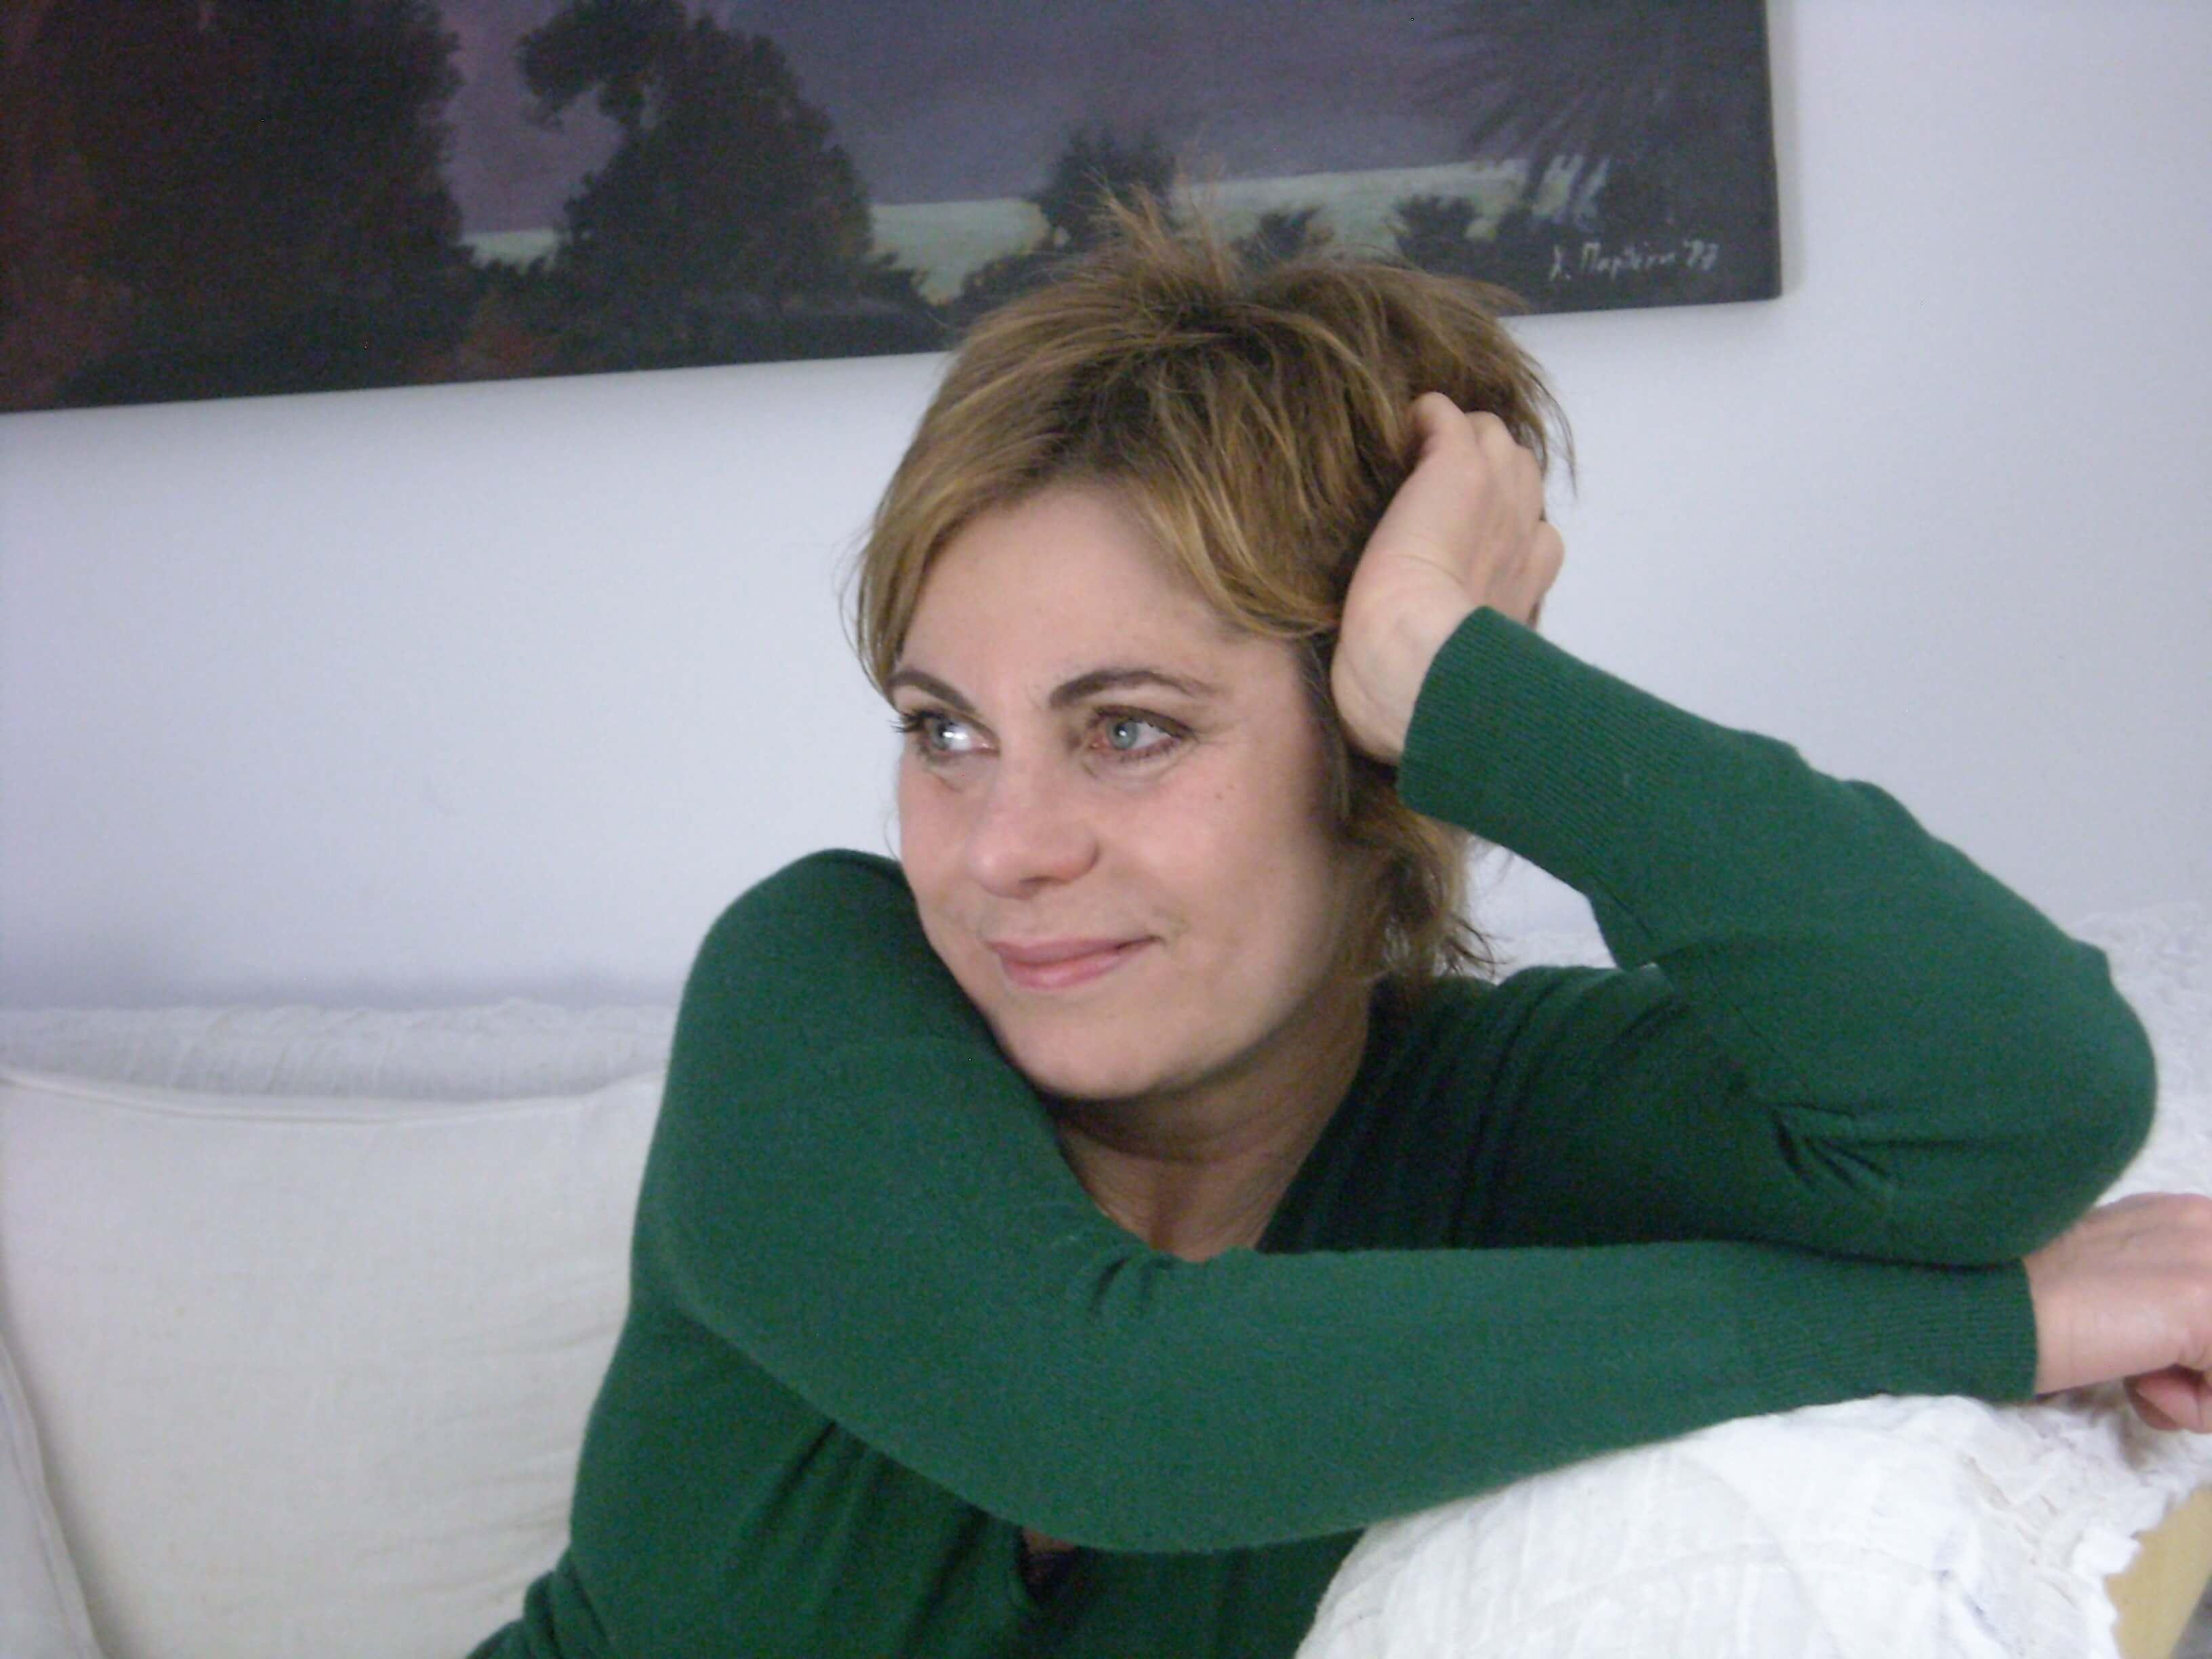 Δεν ξεχνούν τη Χρύσα τους – Βραδιά μνήμης στην ηθοποιό που χάθηκε στο Μάτι   Newsit.gr